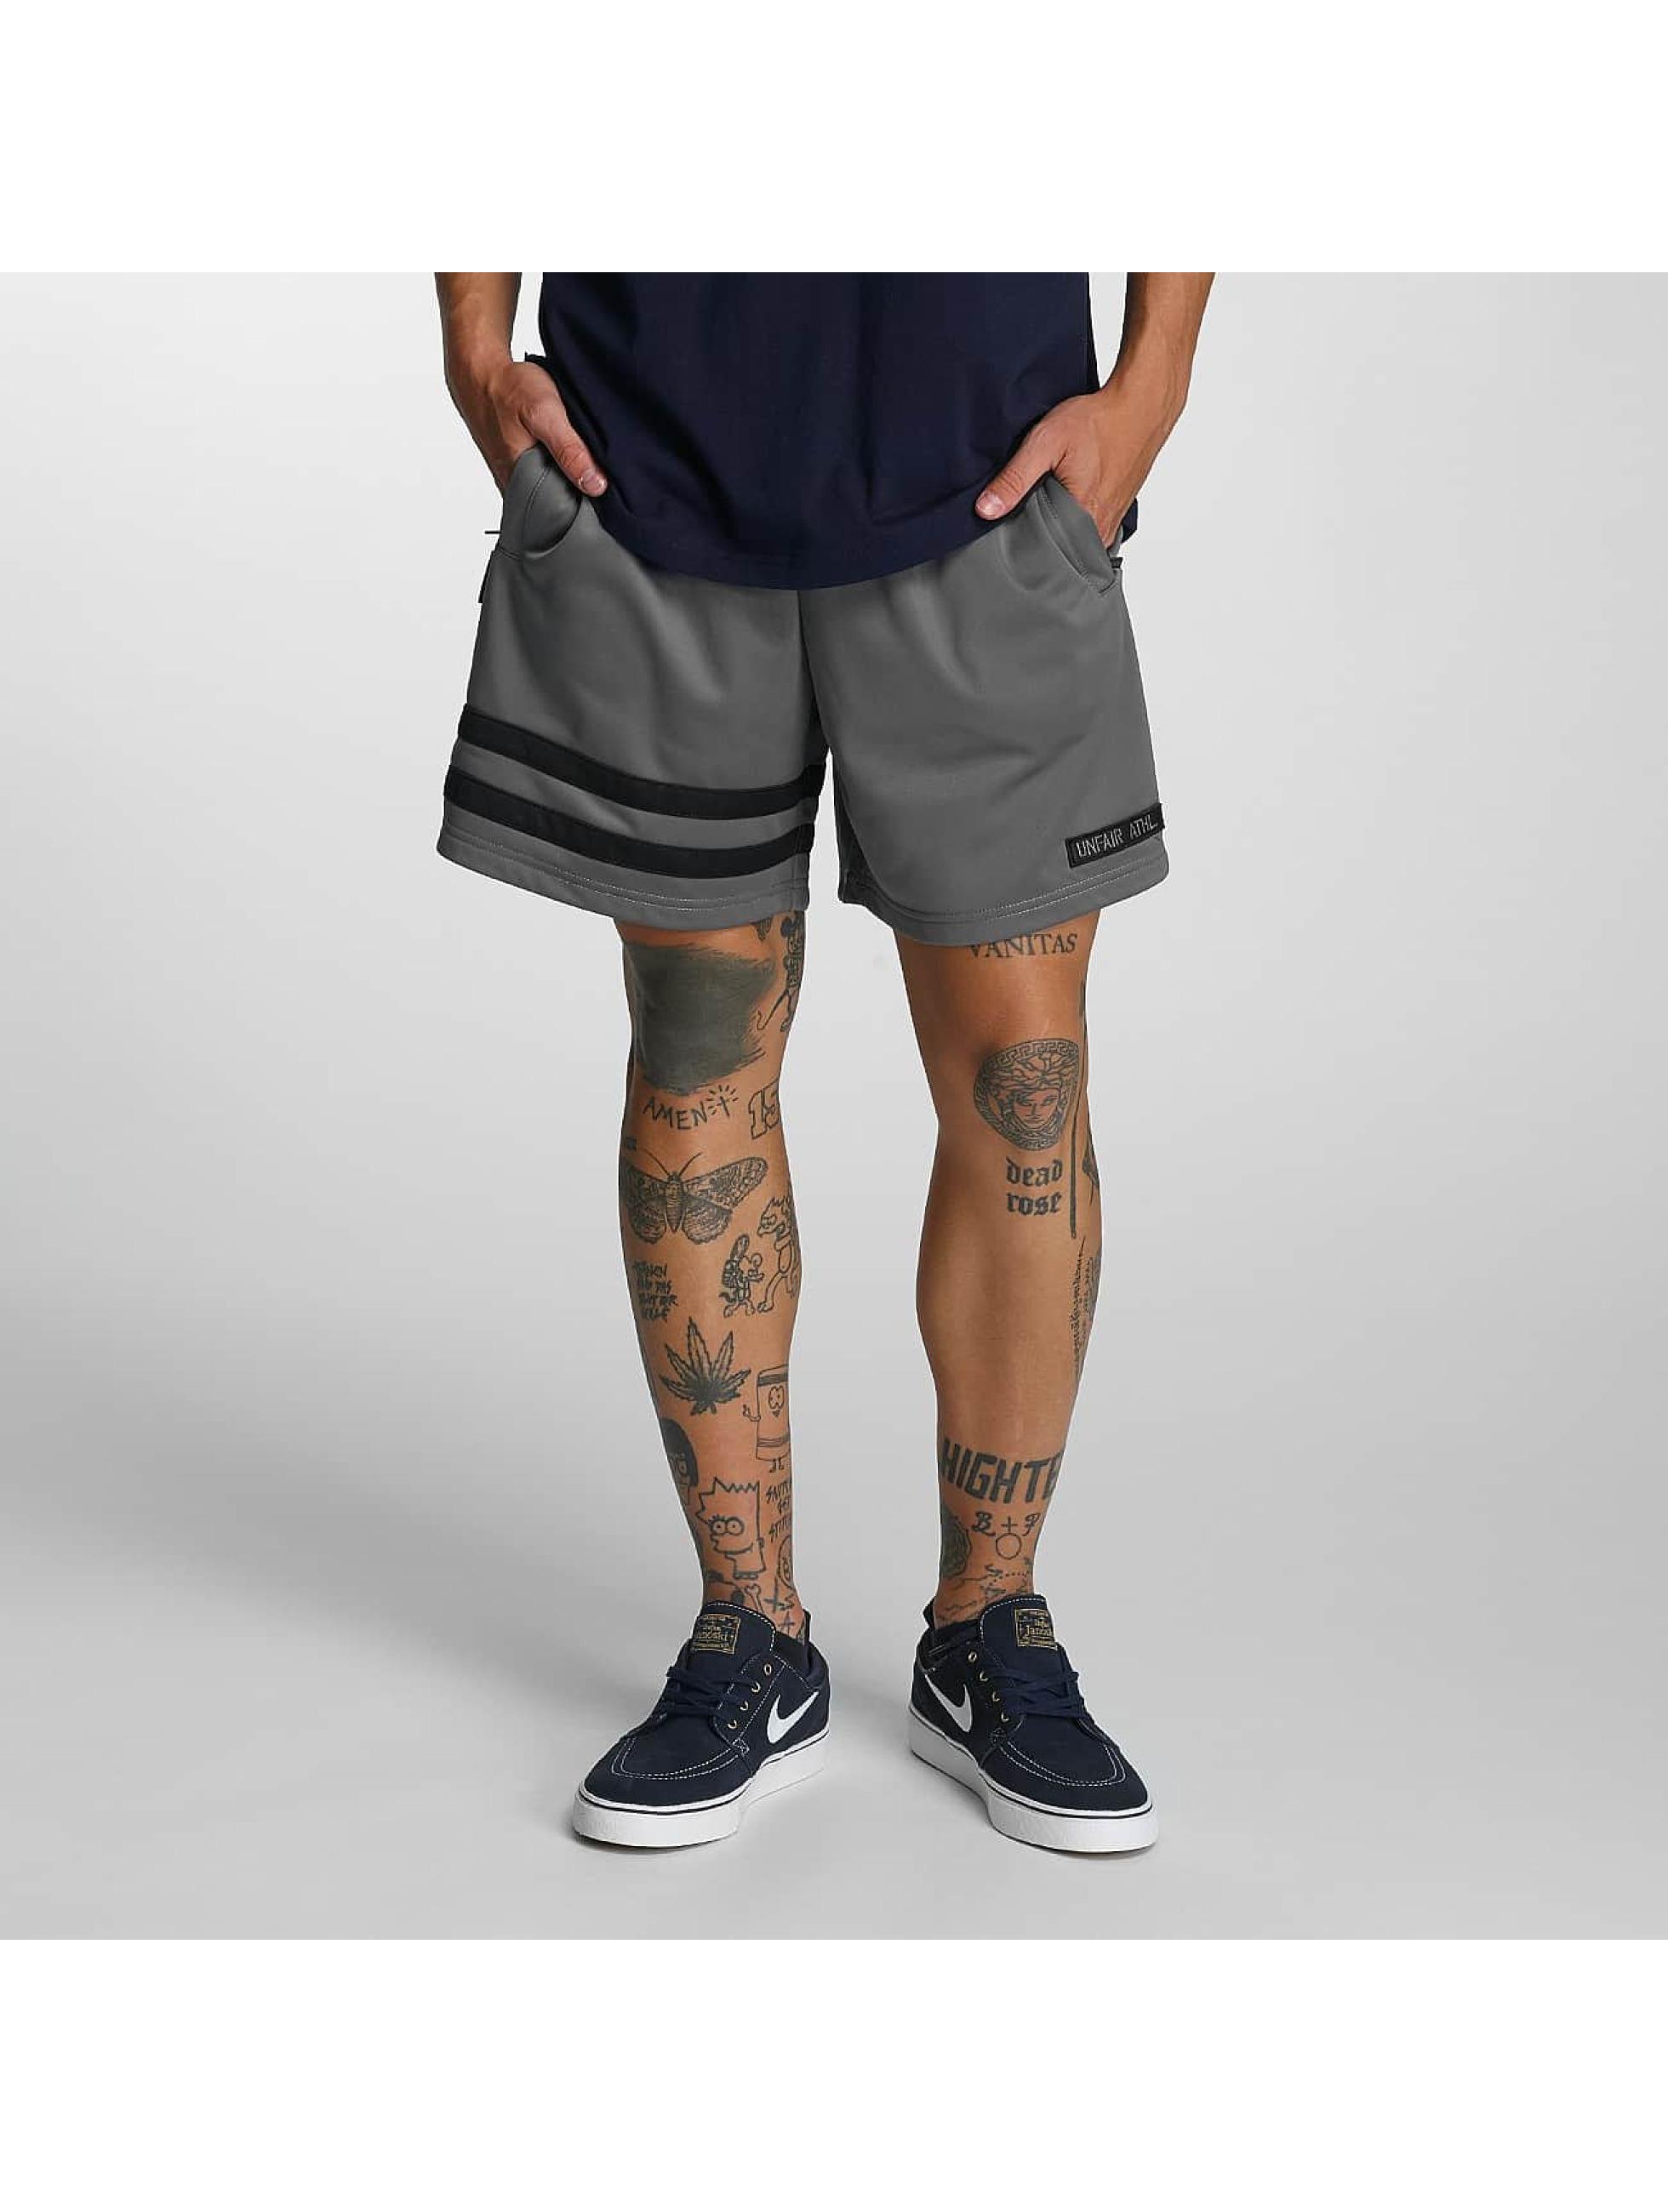 UNFAIR ATHLETICS Männer Shorts DMWU in grau